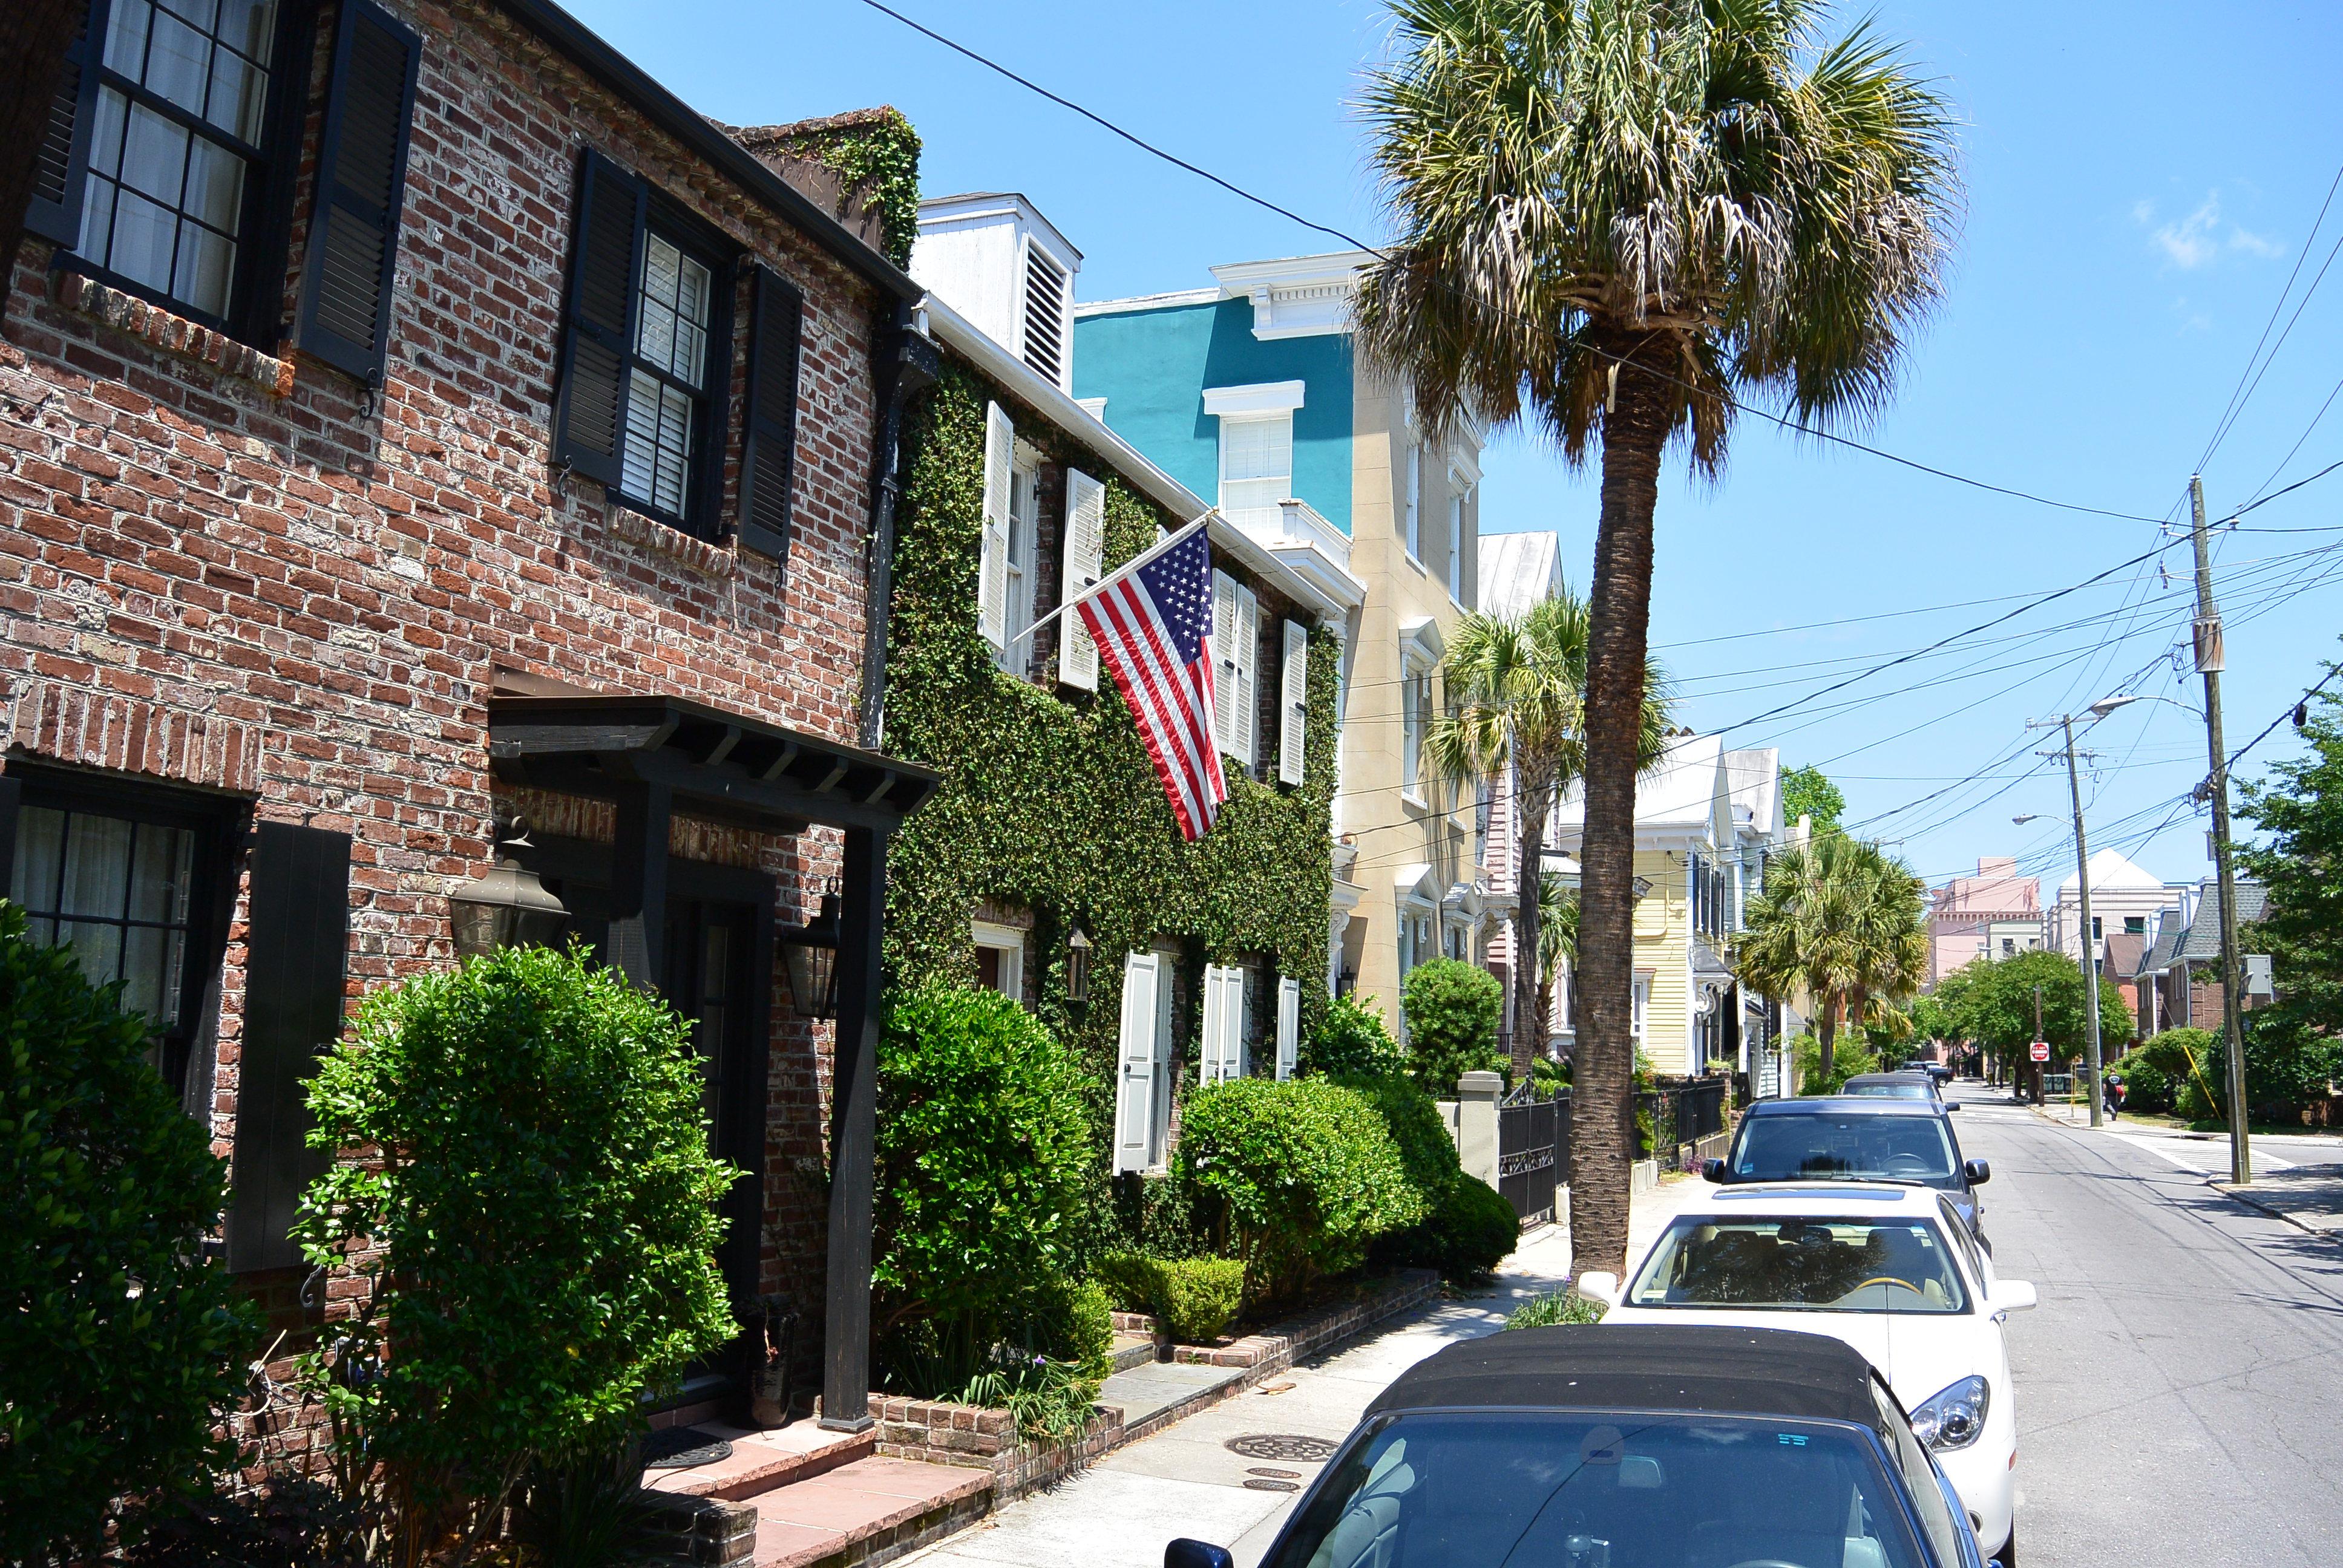 Charleston_Strasse2